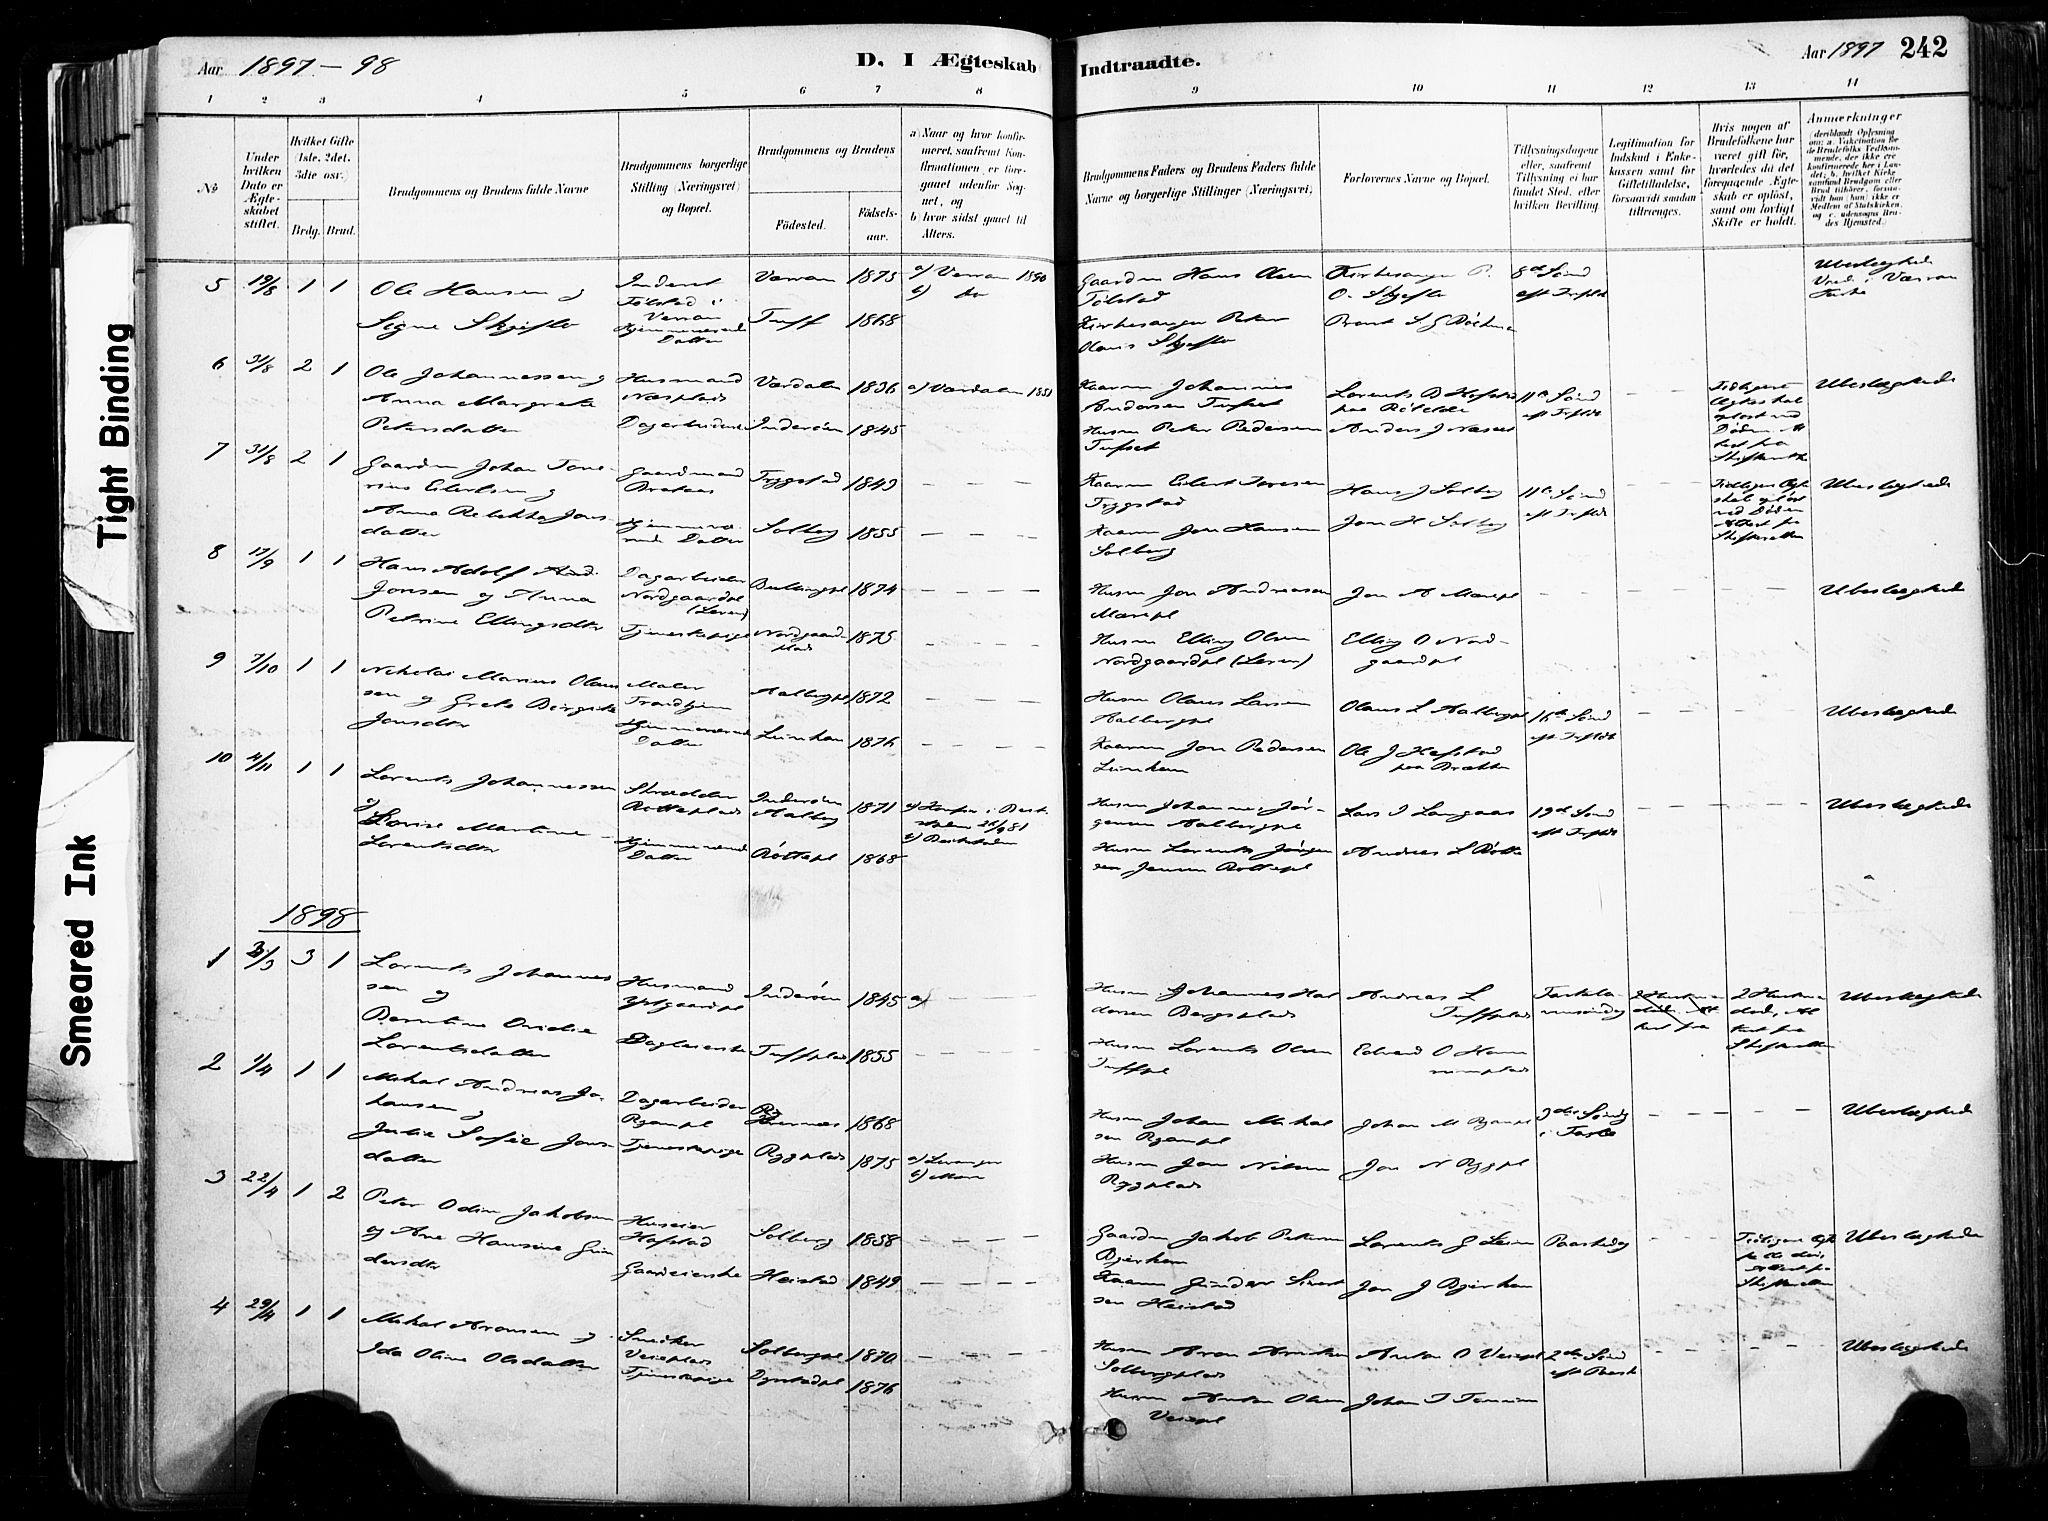 SAT, Ministerialprotokoller, klokkerbøker og fødselsregistre - Nord-Trøndelag, 735/L0351: Ministerialbok nr. 735A10, 1884-1908, s. 242